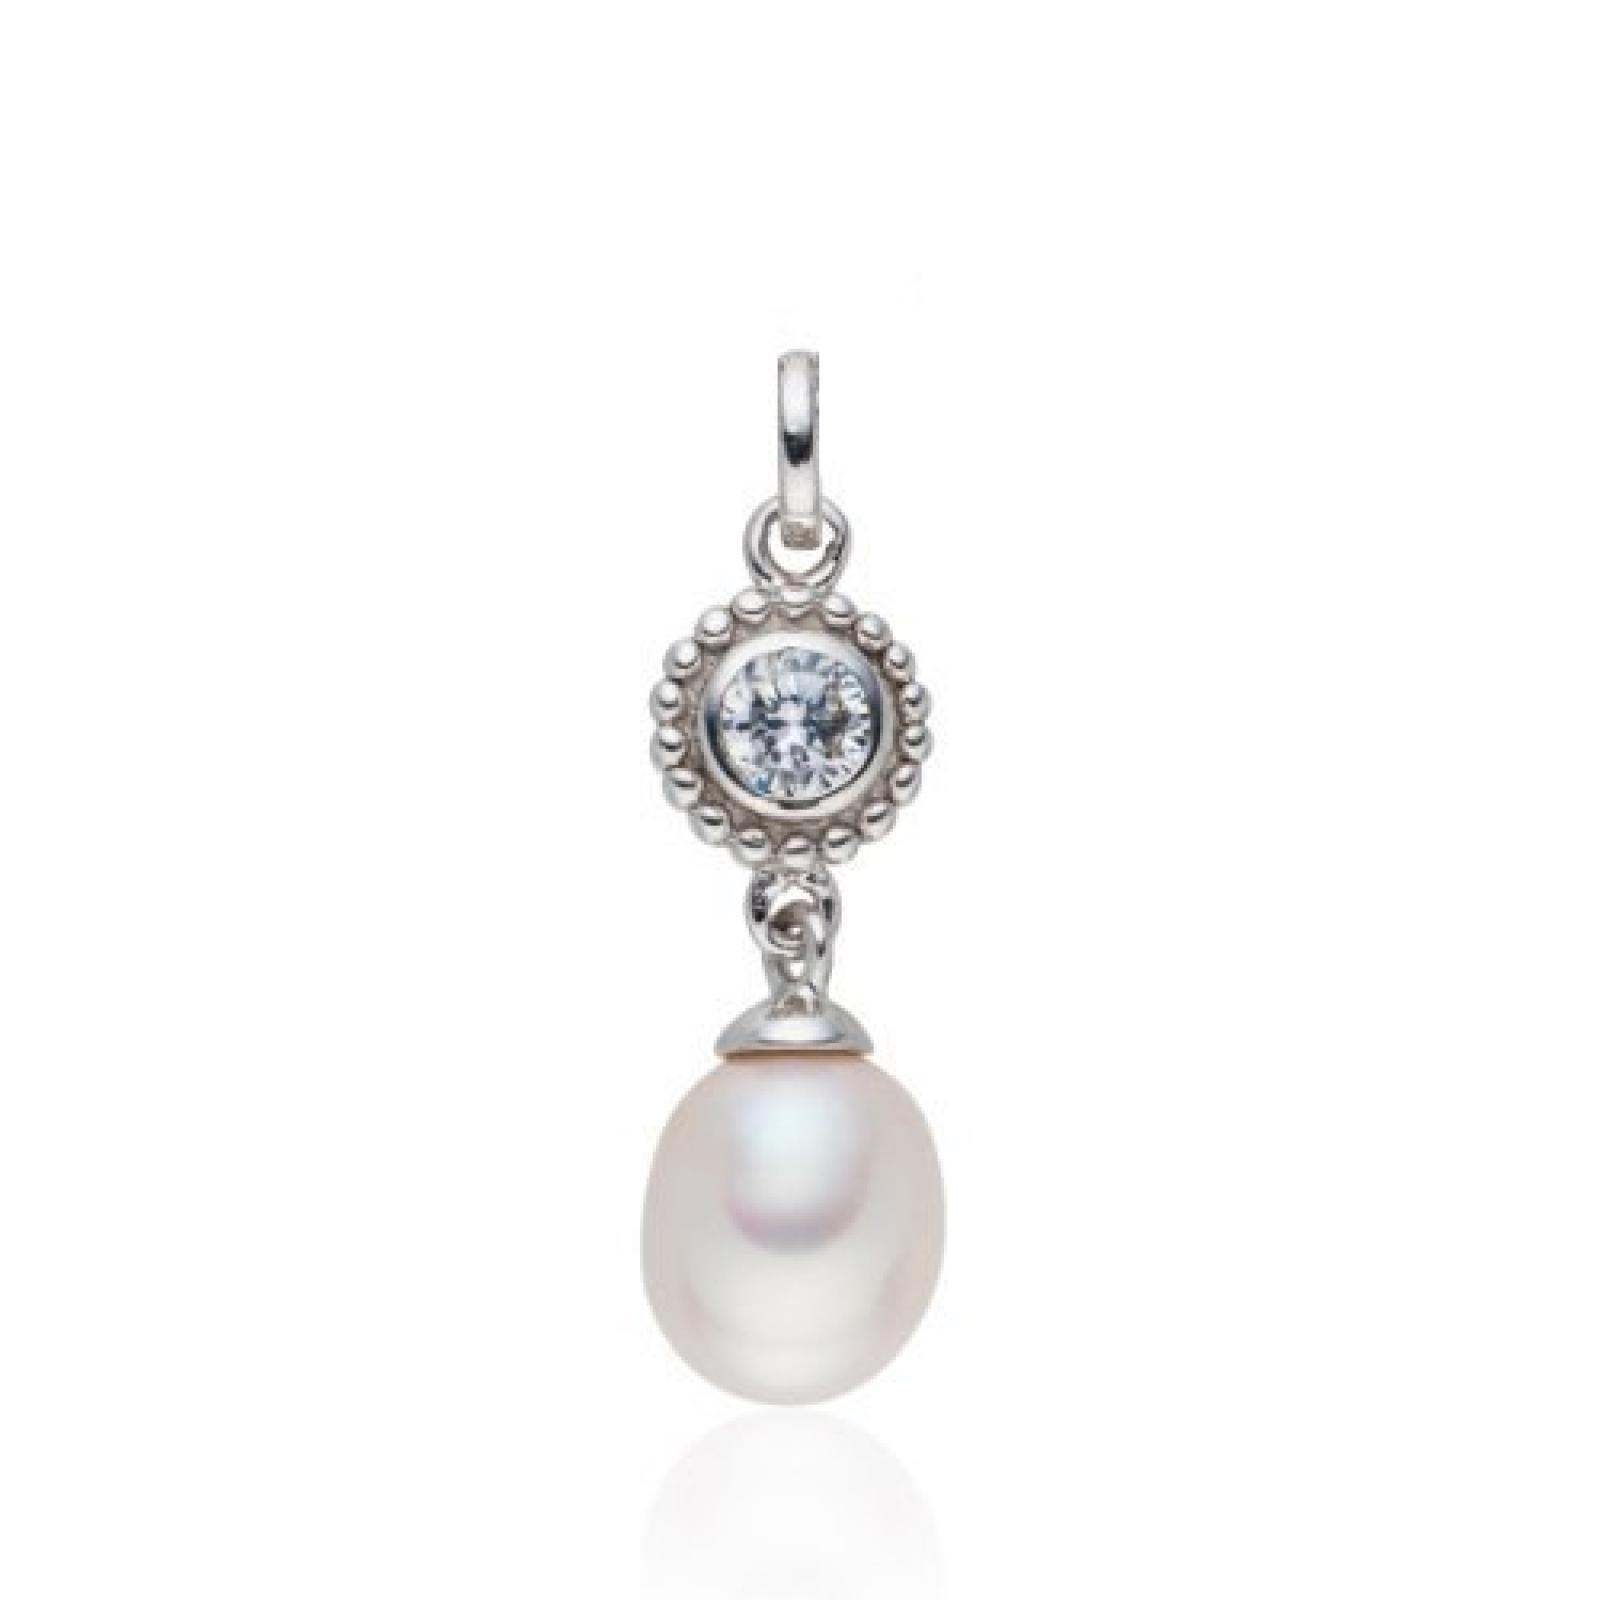 Valero Pearls Silver Collection Damen-Anhänger (ohne Kette) Hochwertige Süßwasser-Zuchtperlen in ca.  8-9 mmOval weiß 925 Sterling Silber   Zirkonia weiß    60840029